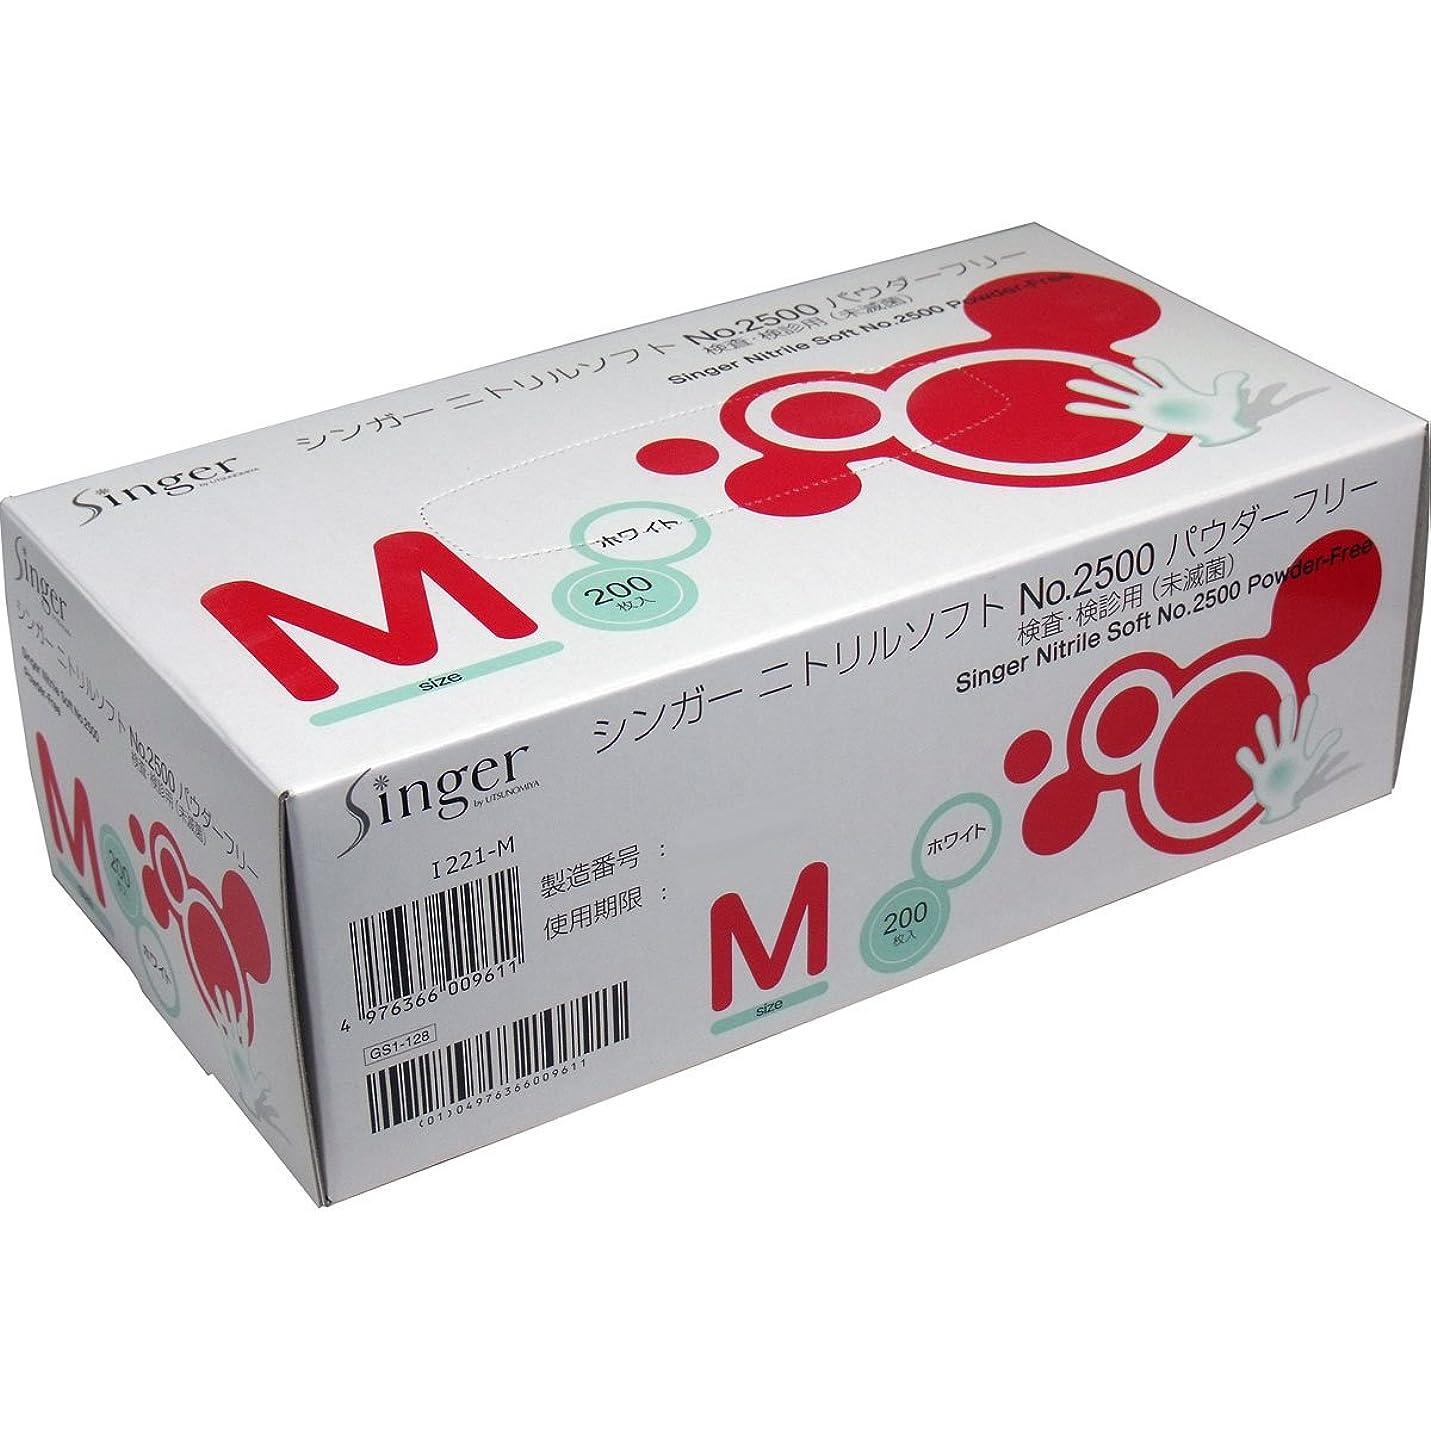 レース料理森シンガーニトリルソフト No.2500 パウダーフリー ホワイト Mサイズ 200枚